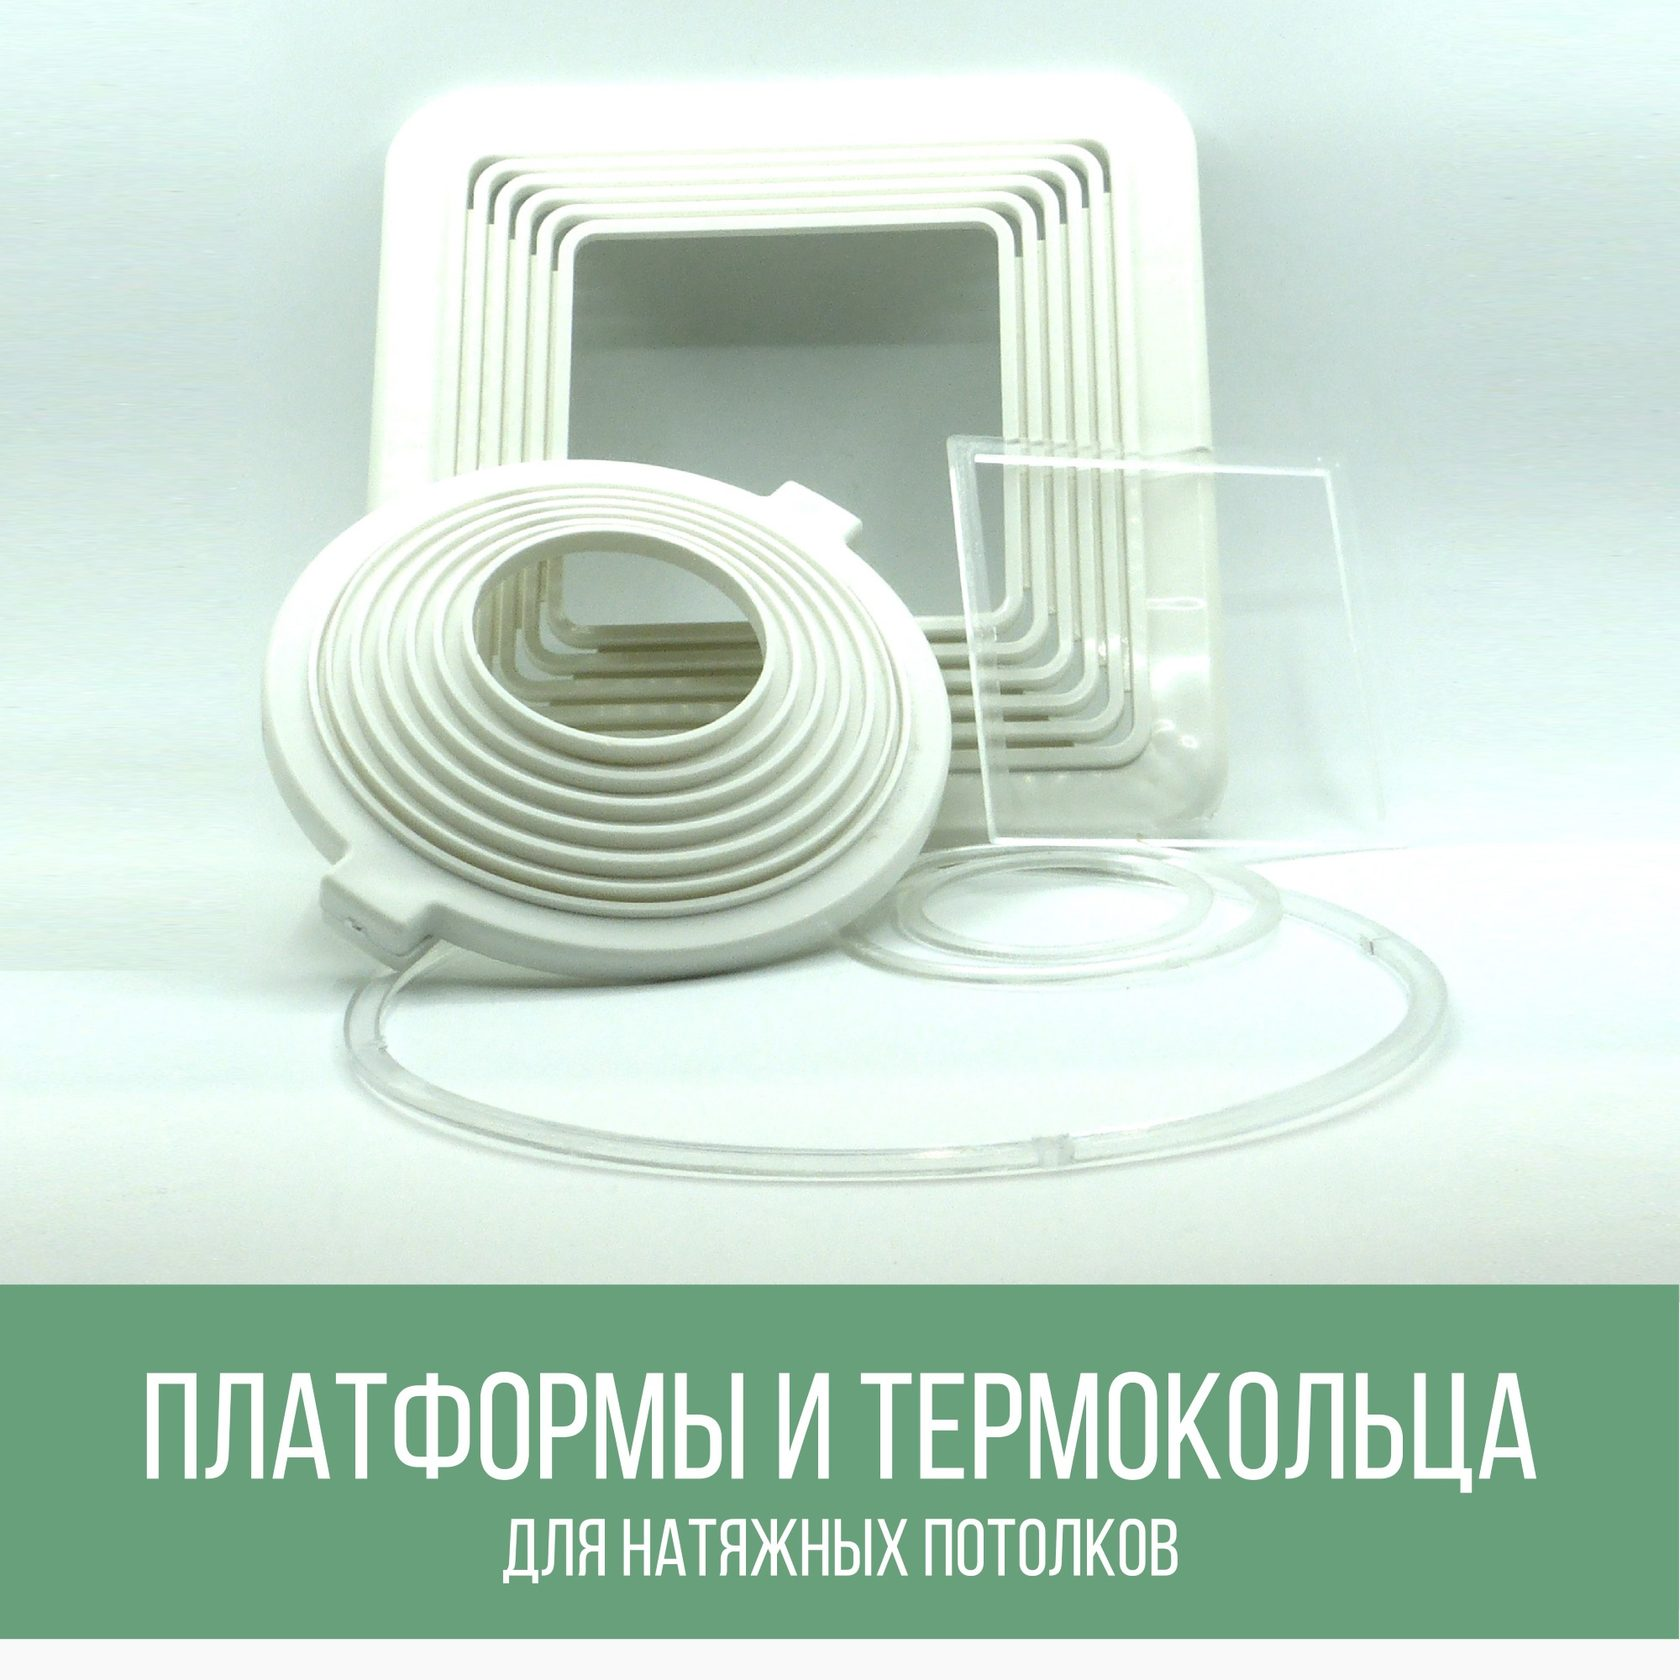 Платформы и термокольца для натяжных потолков от Decor Design